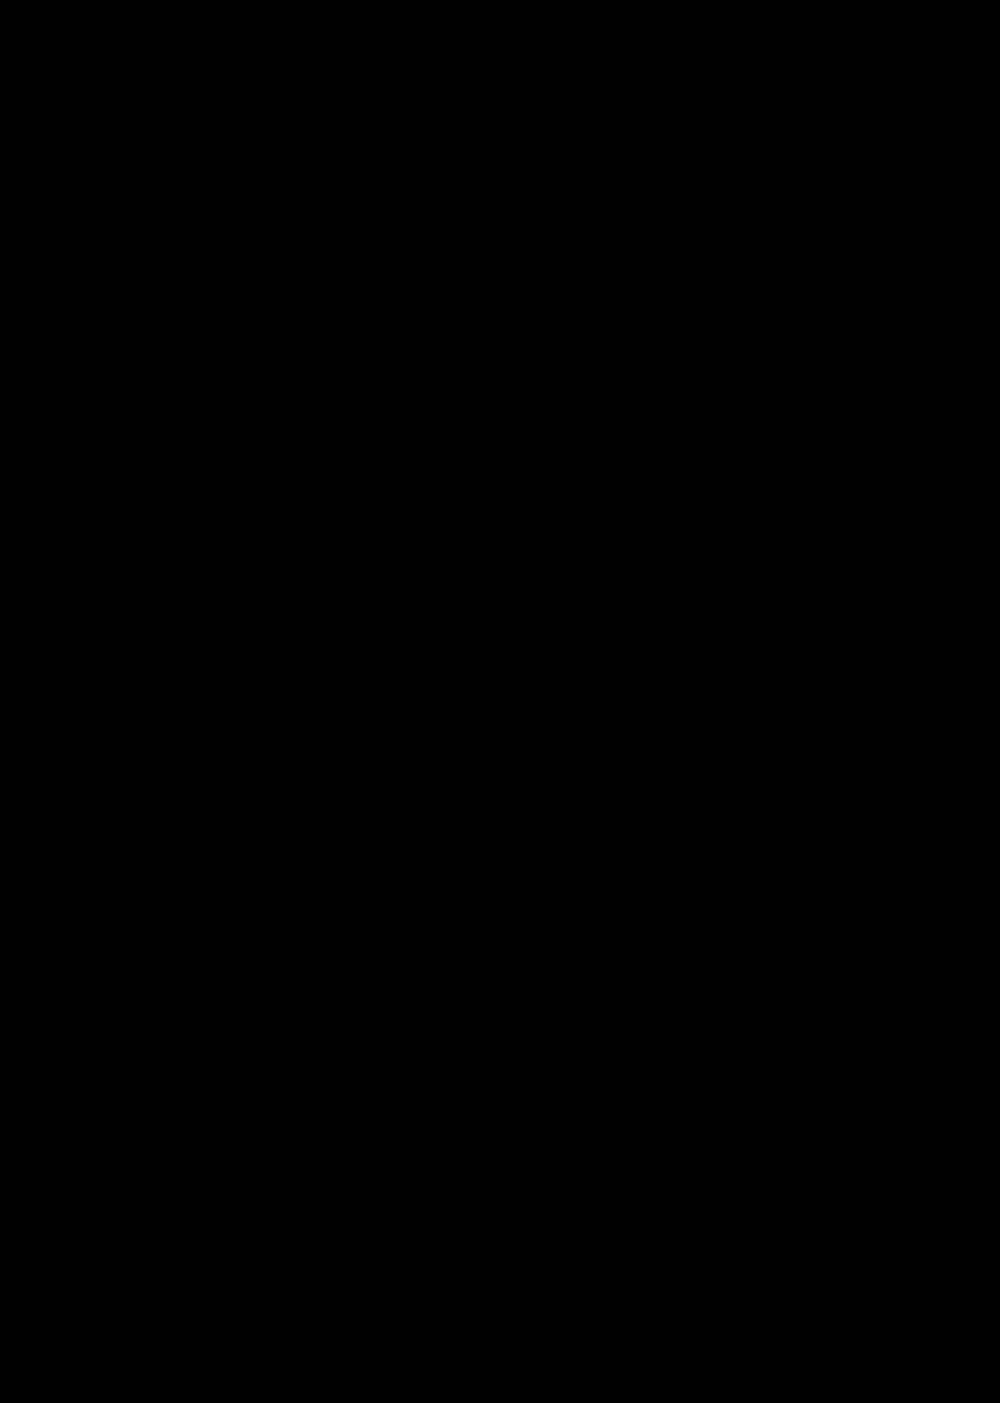 Ius_Sanctus_logo.png